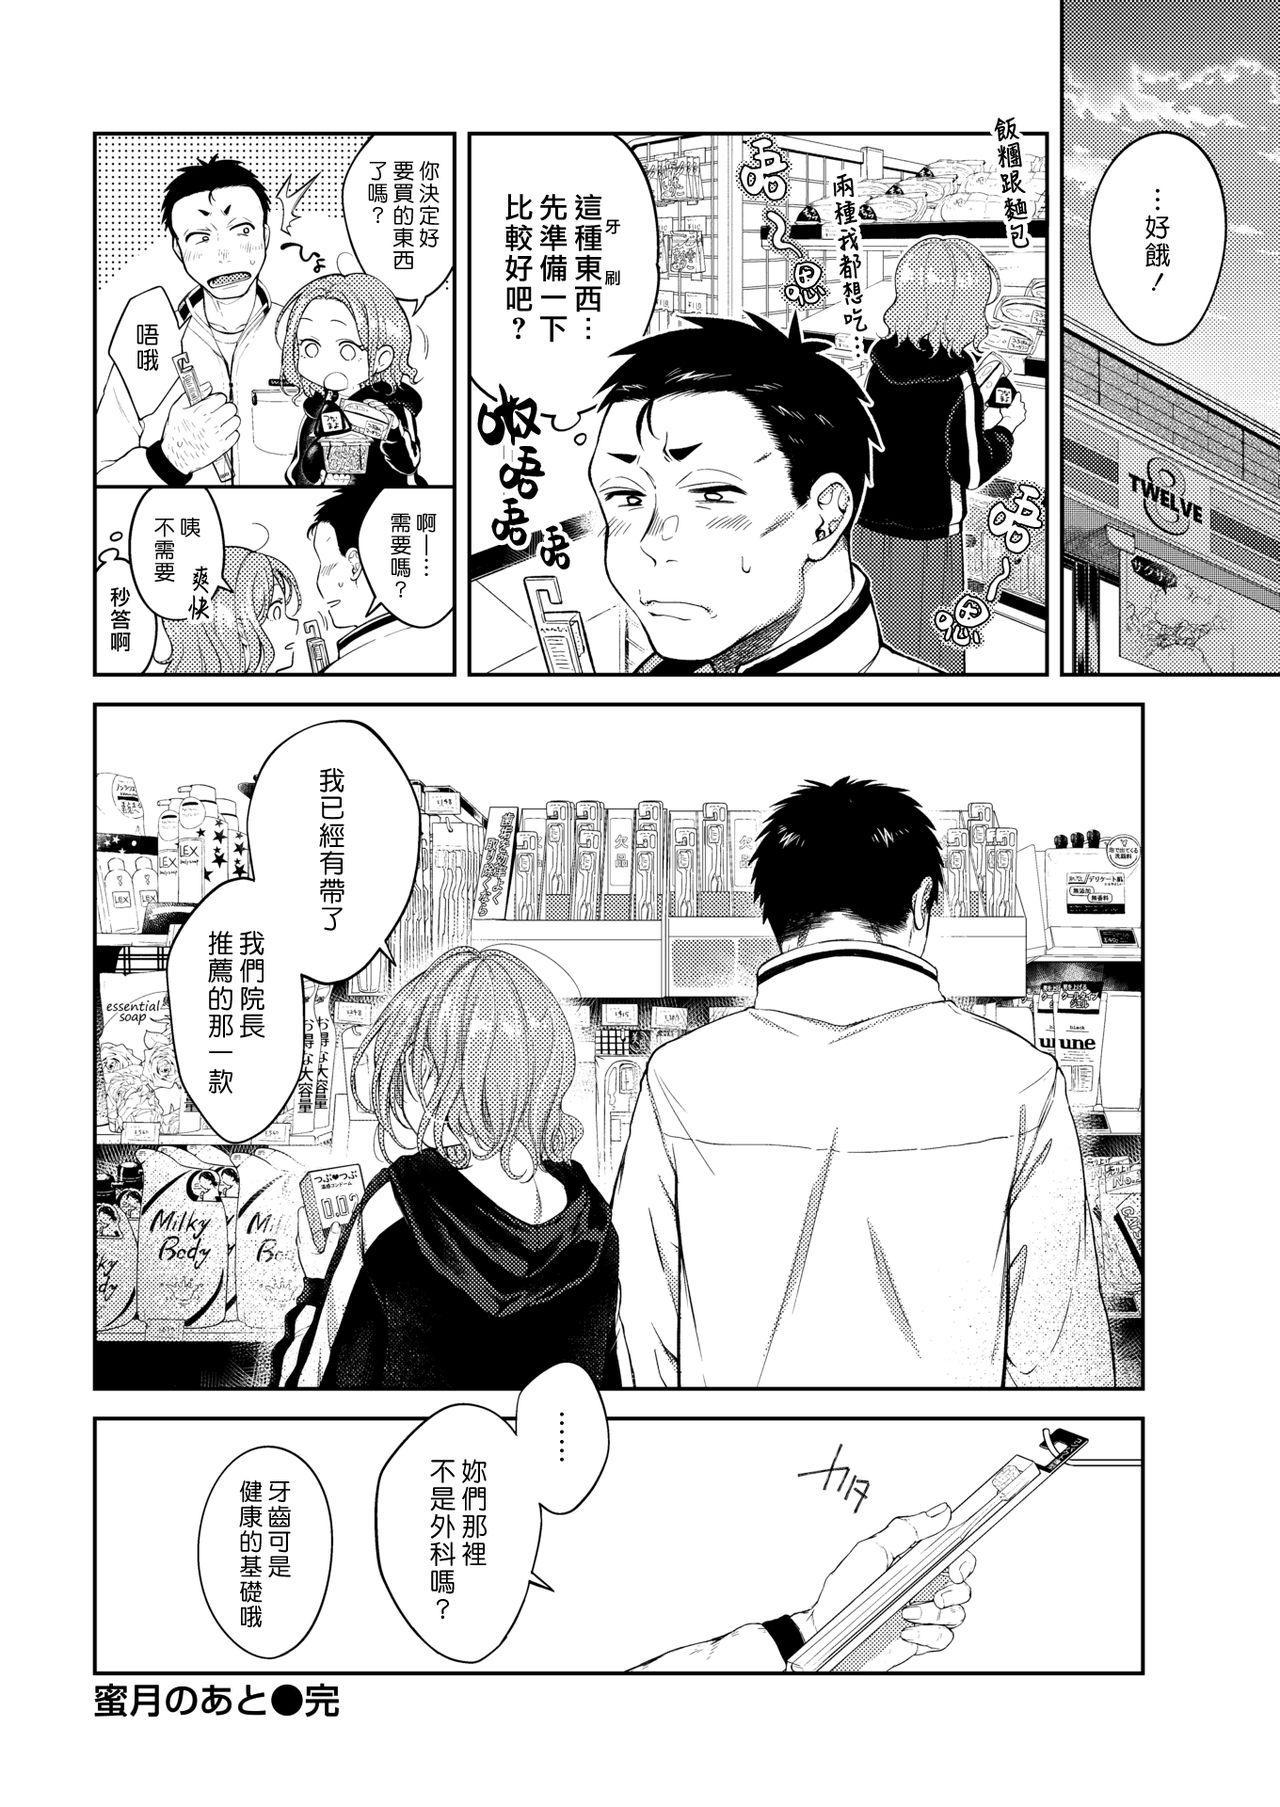 Mitsugetsu no Ato   蜜月之後 15